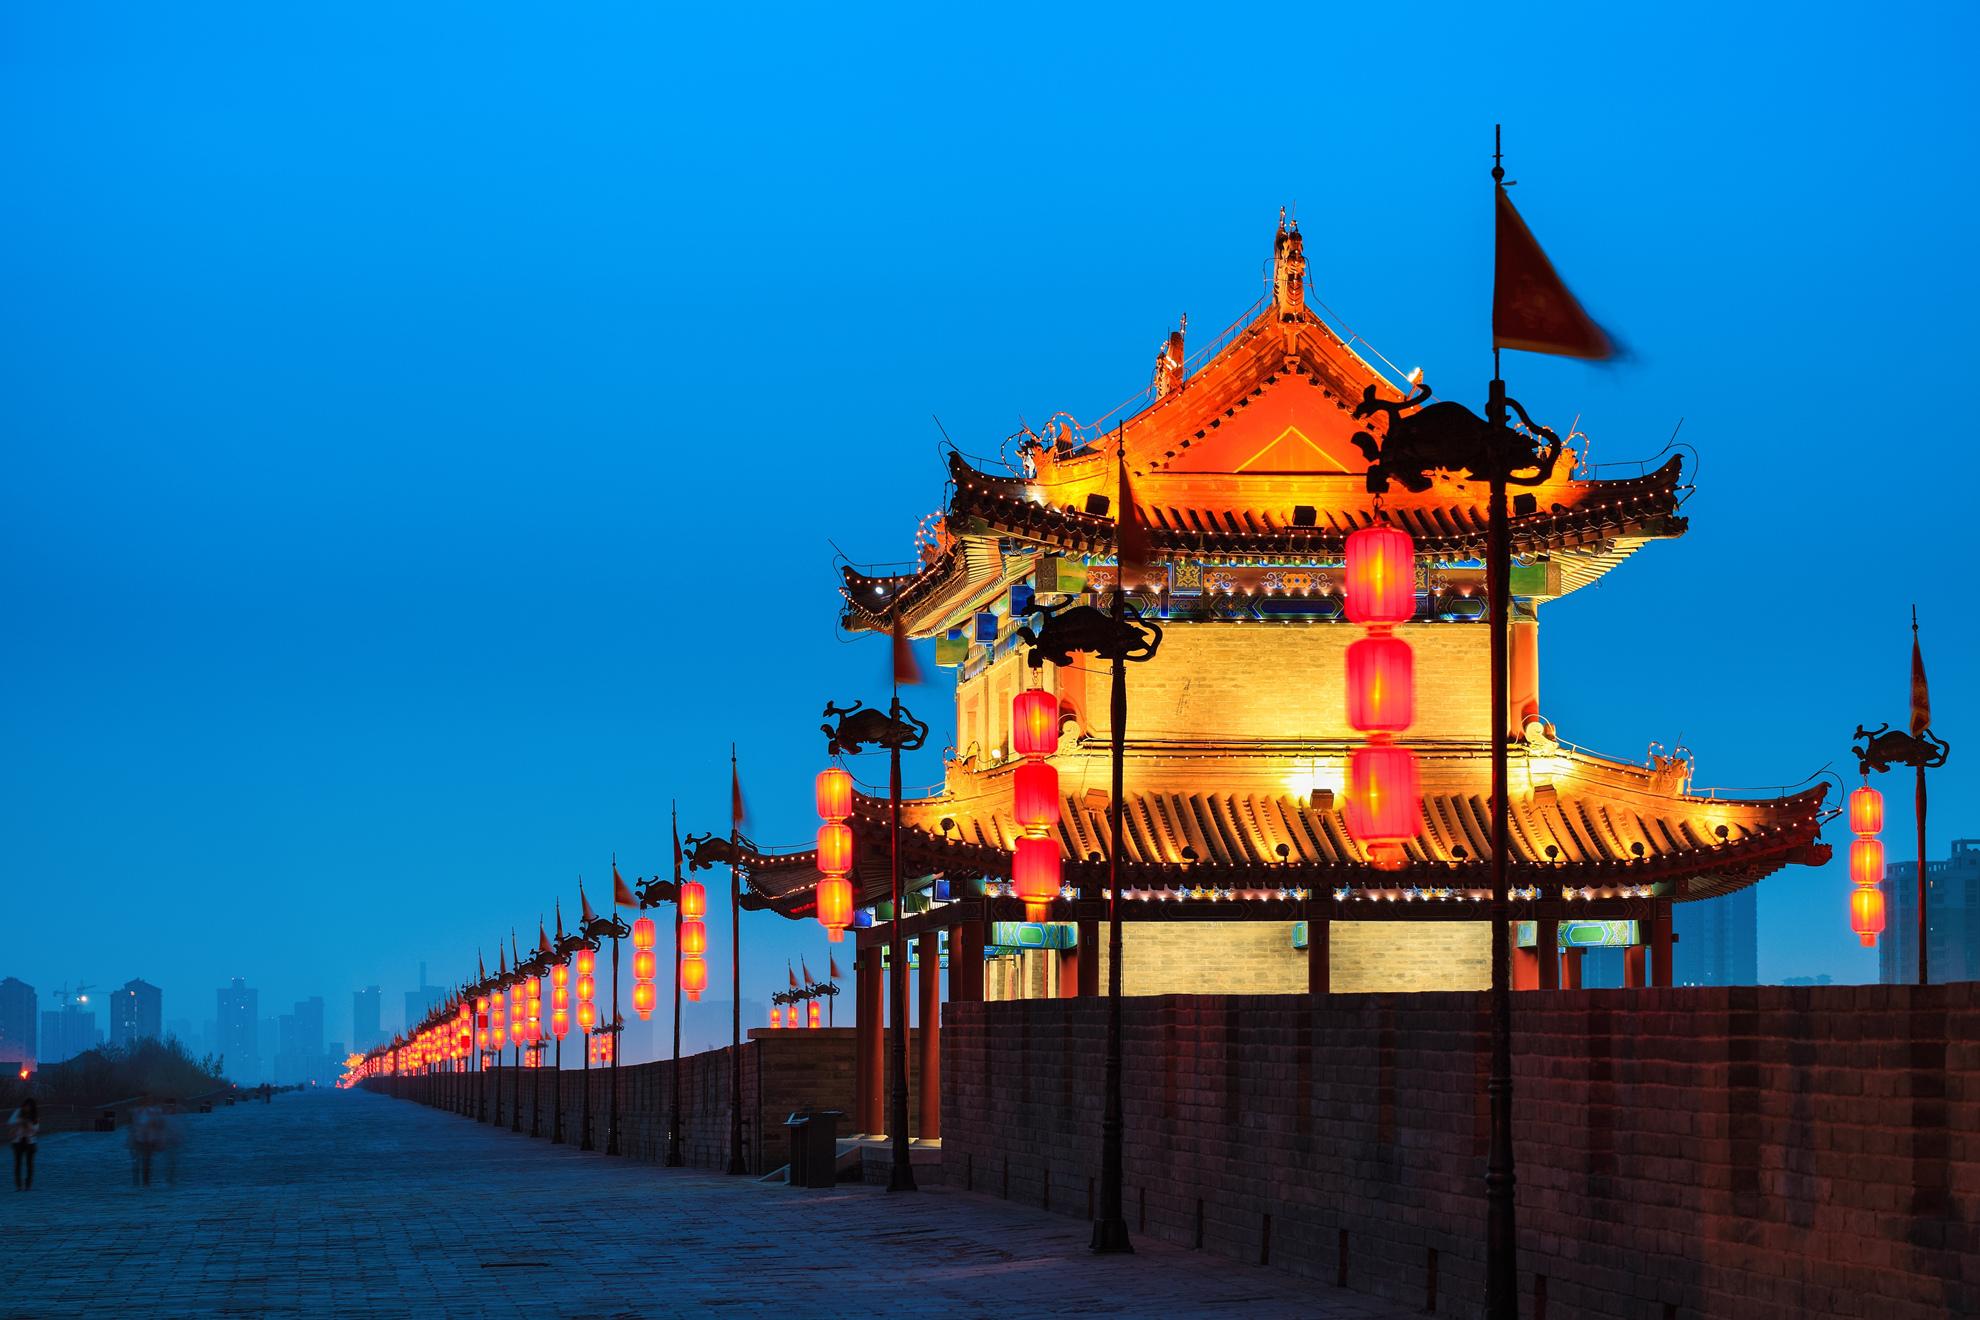 西安城墙景区登古城墙、导游讲解半日当地游导游统一办理门票入园,无需自行排队